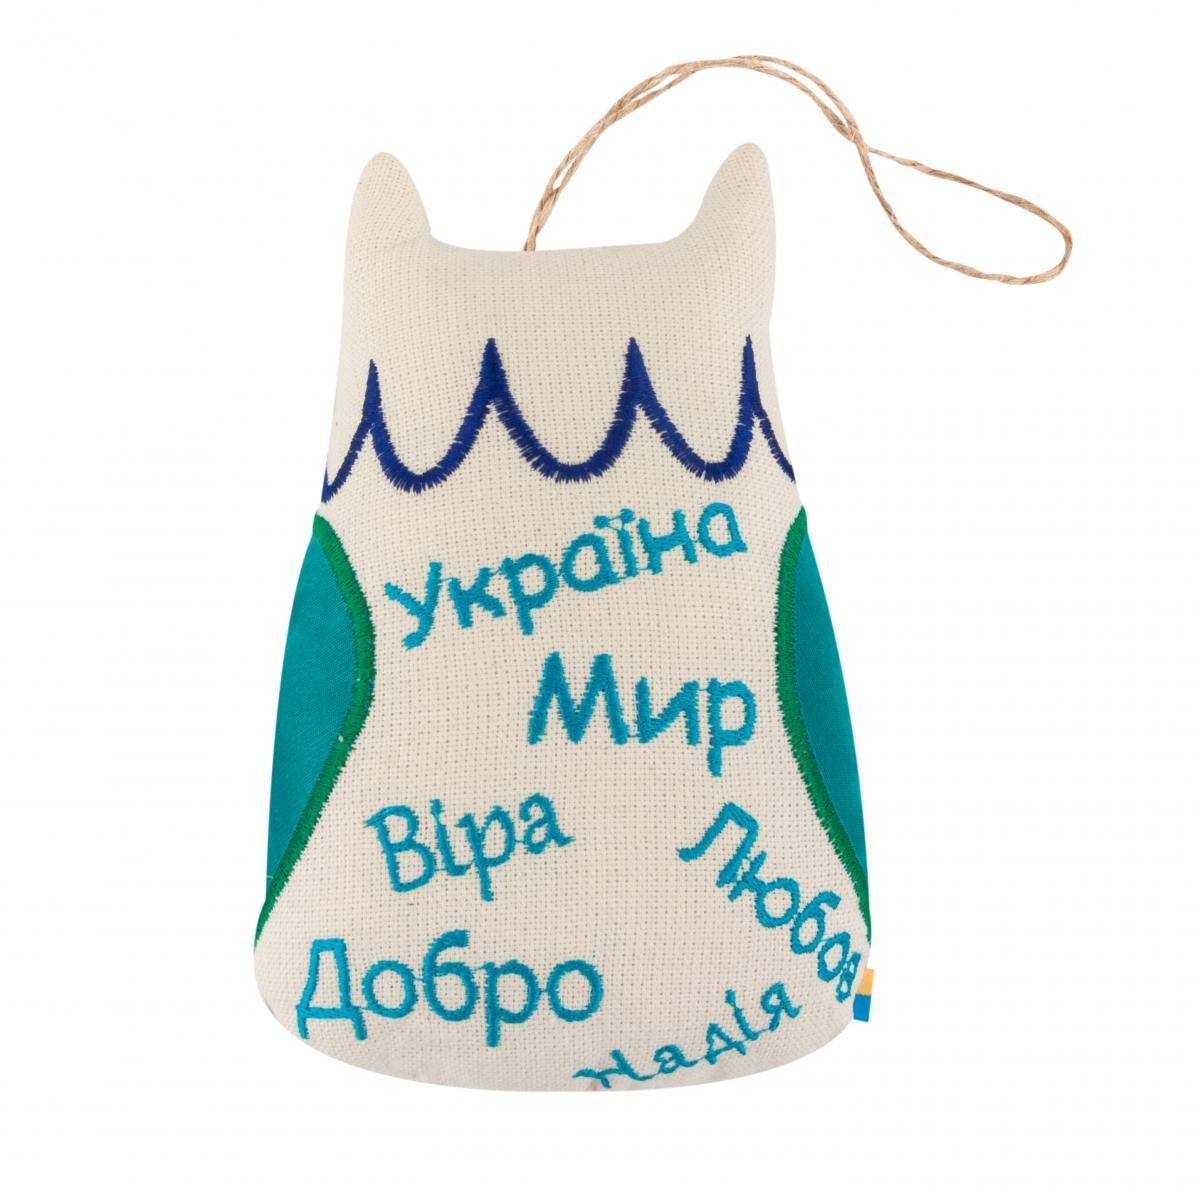 Игрушка Сова с книгой. Фото №2. | Народный дом Украина